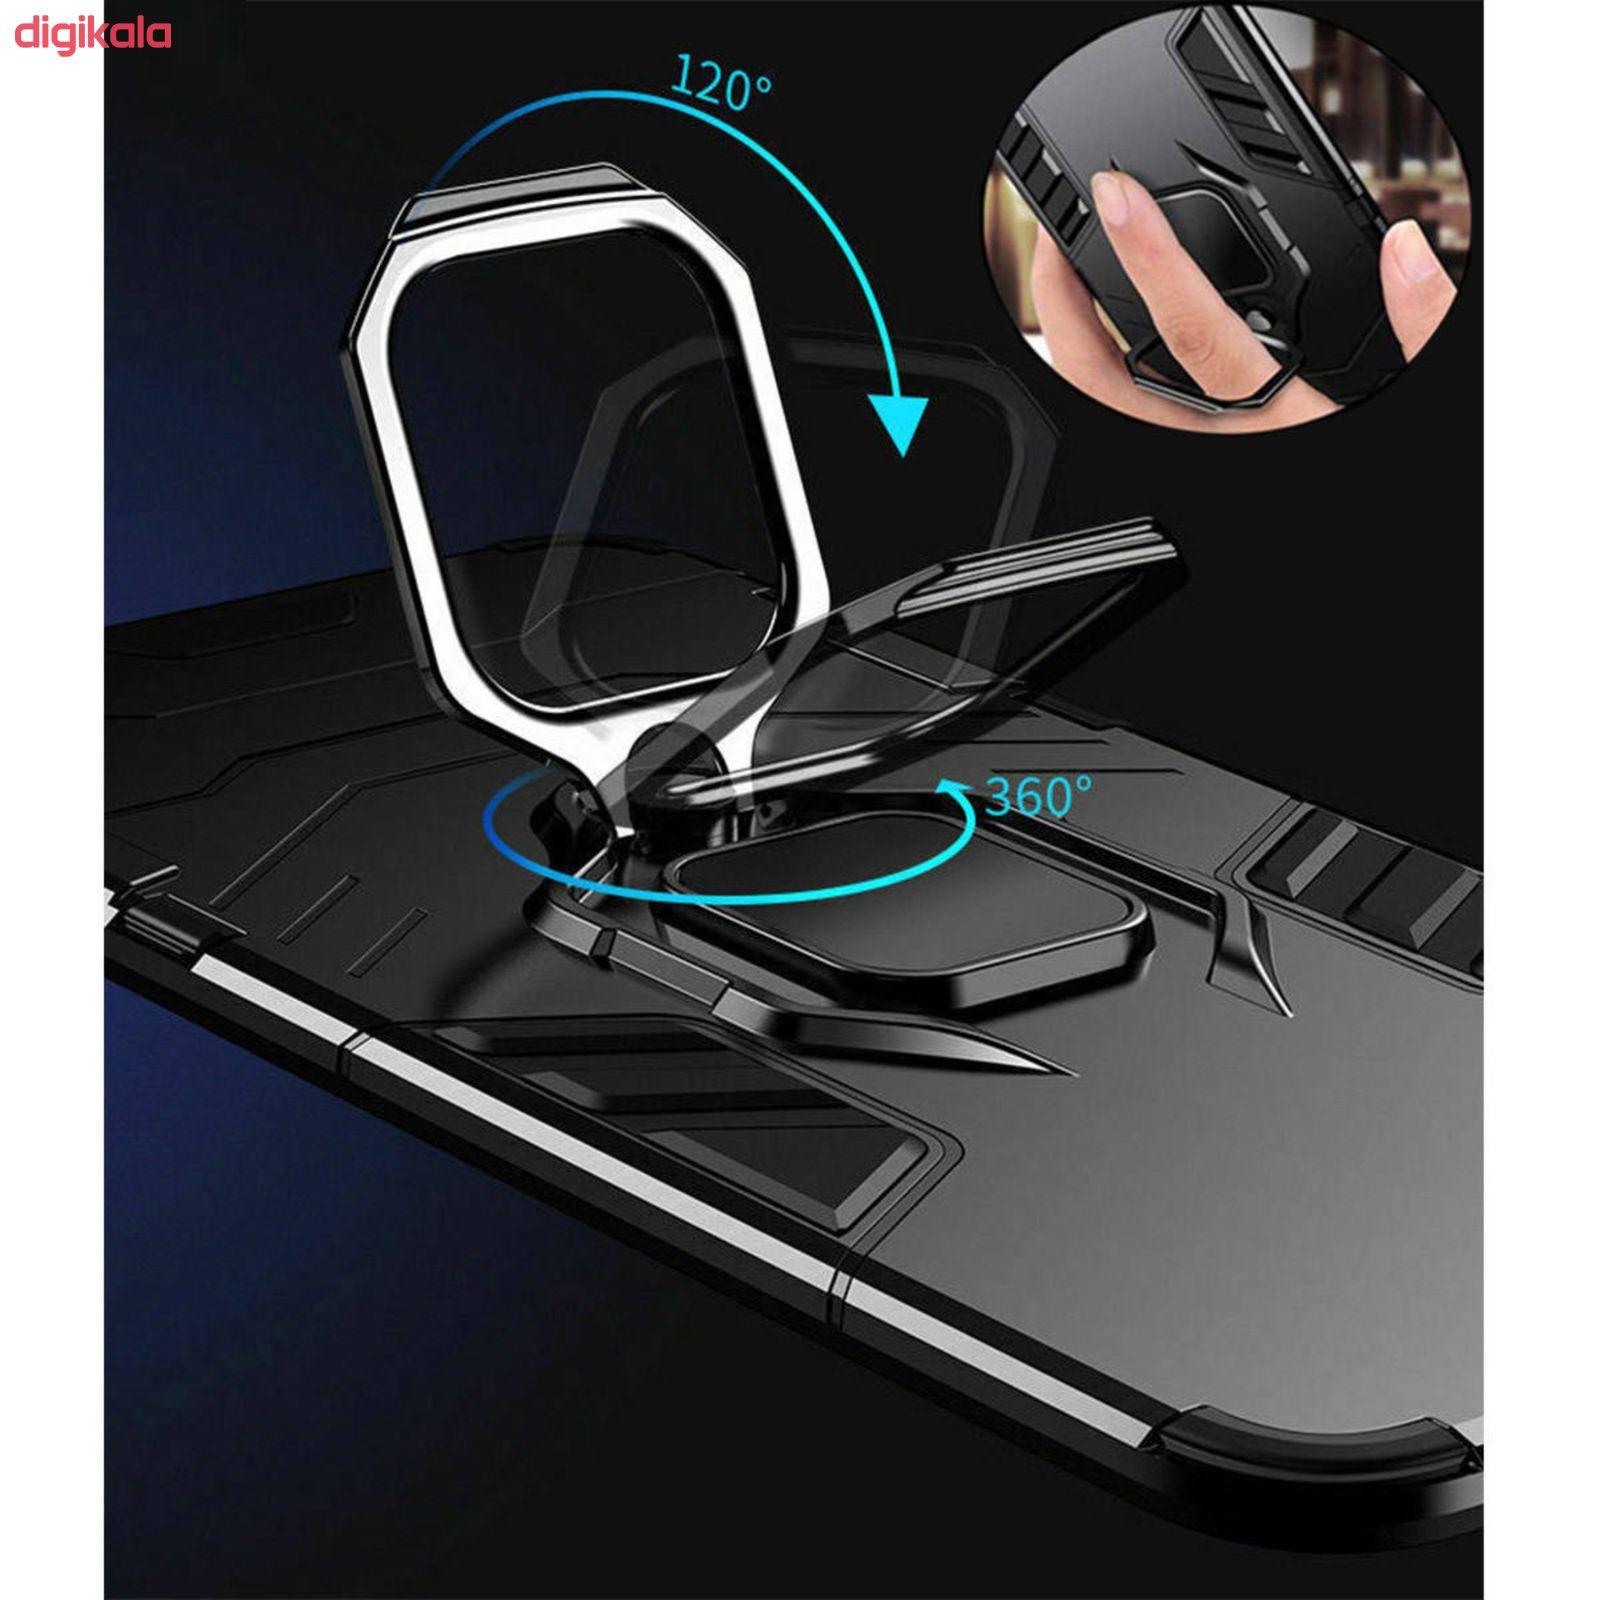 کاور کینگ پاور مدل ASH22 مناسب برای گوشی موبایل سامسونگ Galaxy M31 main 1 13